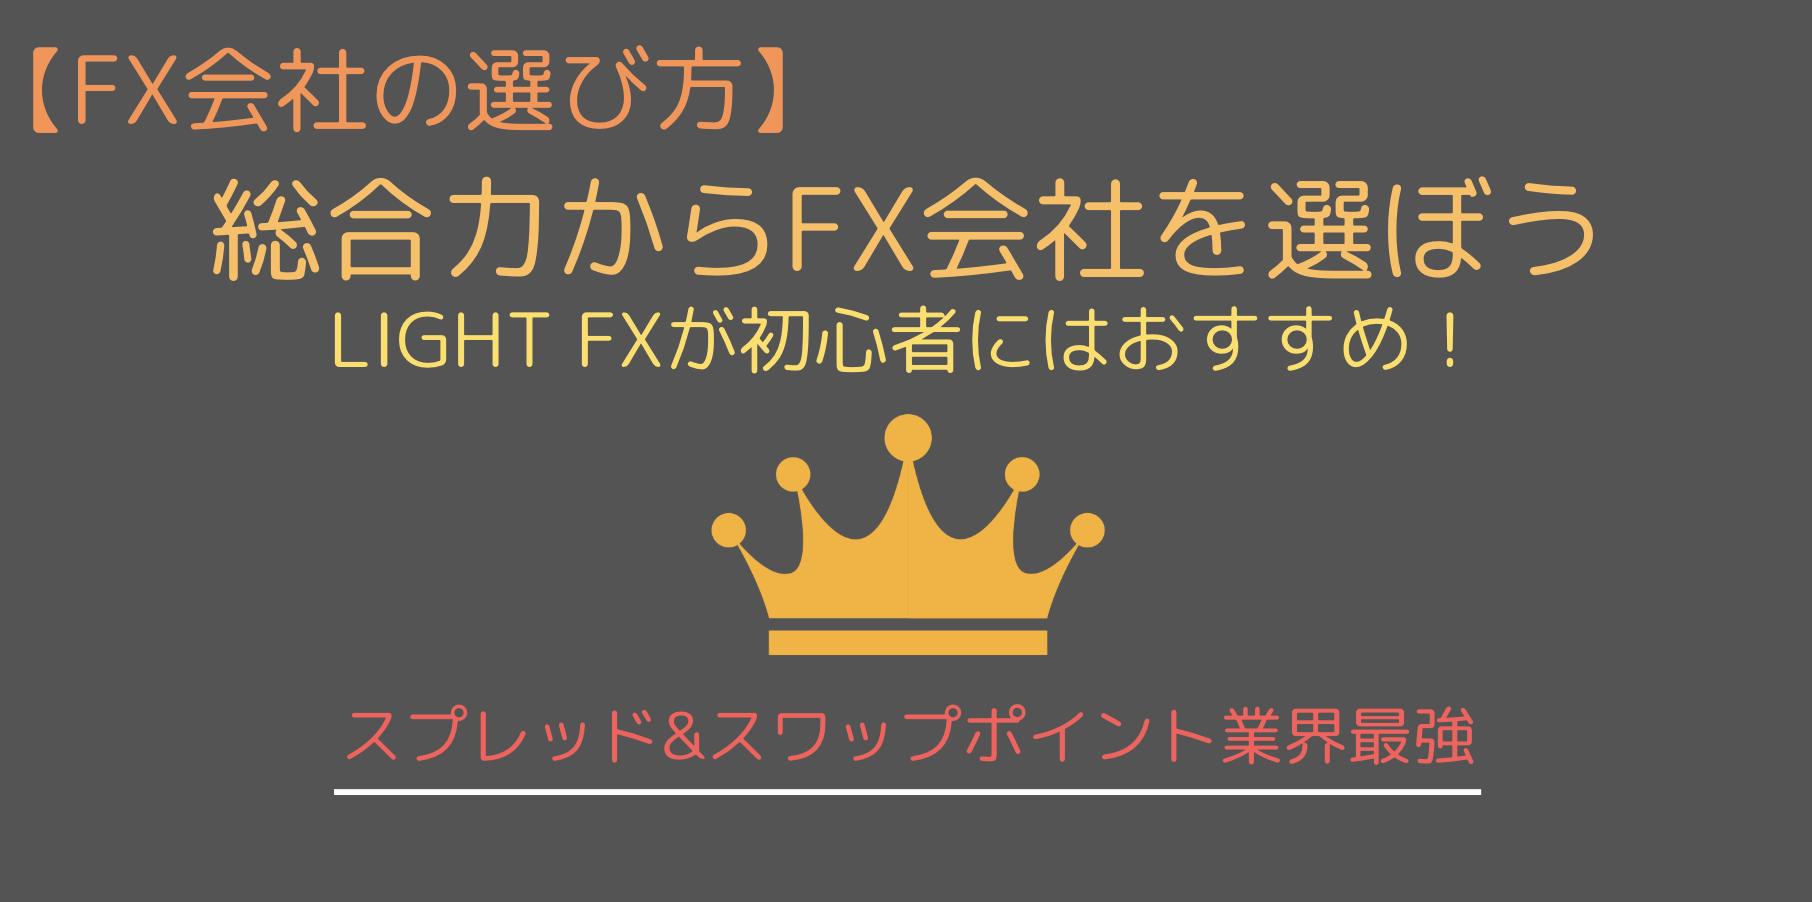 総合力の強いFX会社